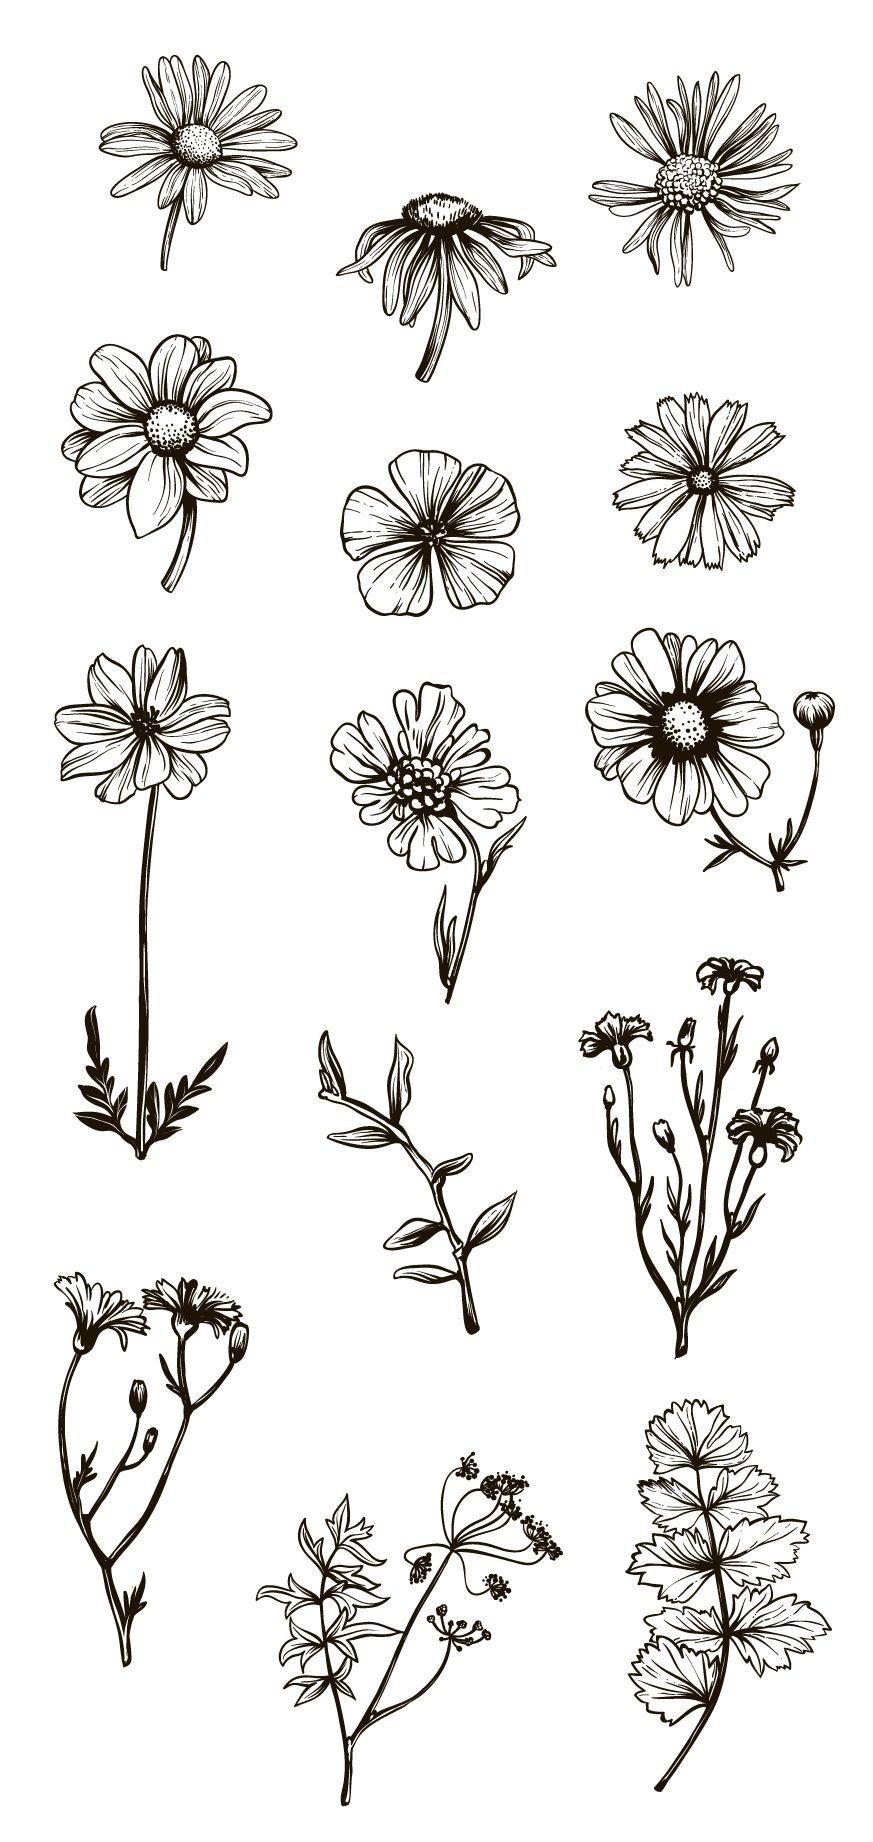 853dc8ed406a6 Vintage Flowers & Herbs by TatianaCociorva on Creative Market  #flowersdrawing